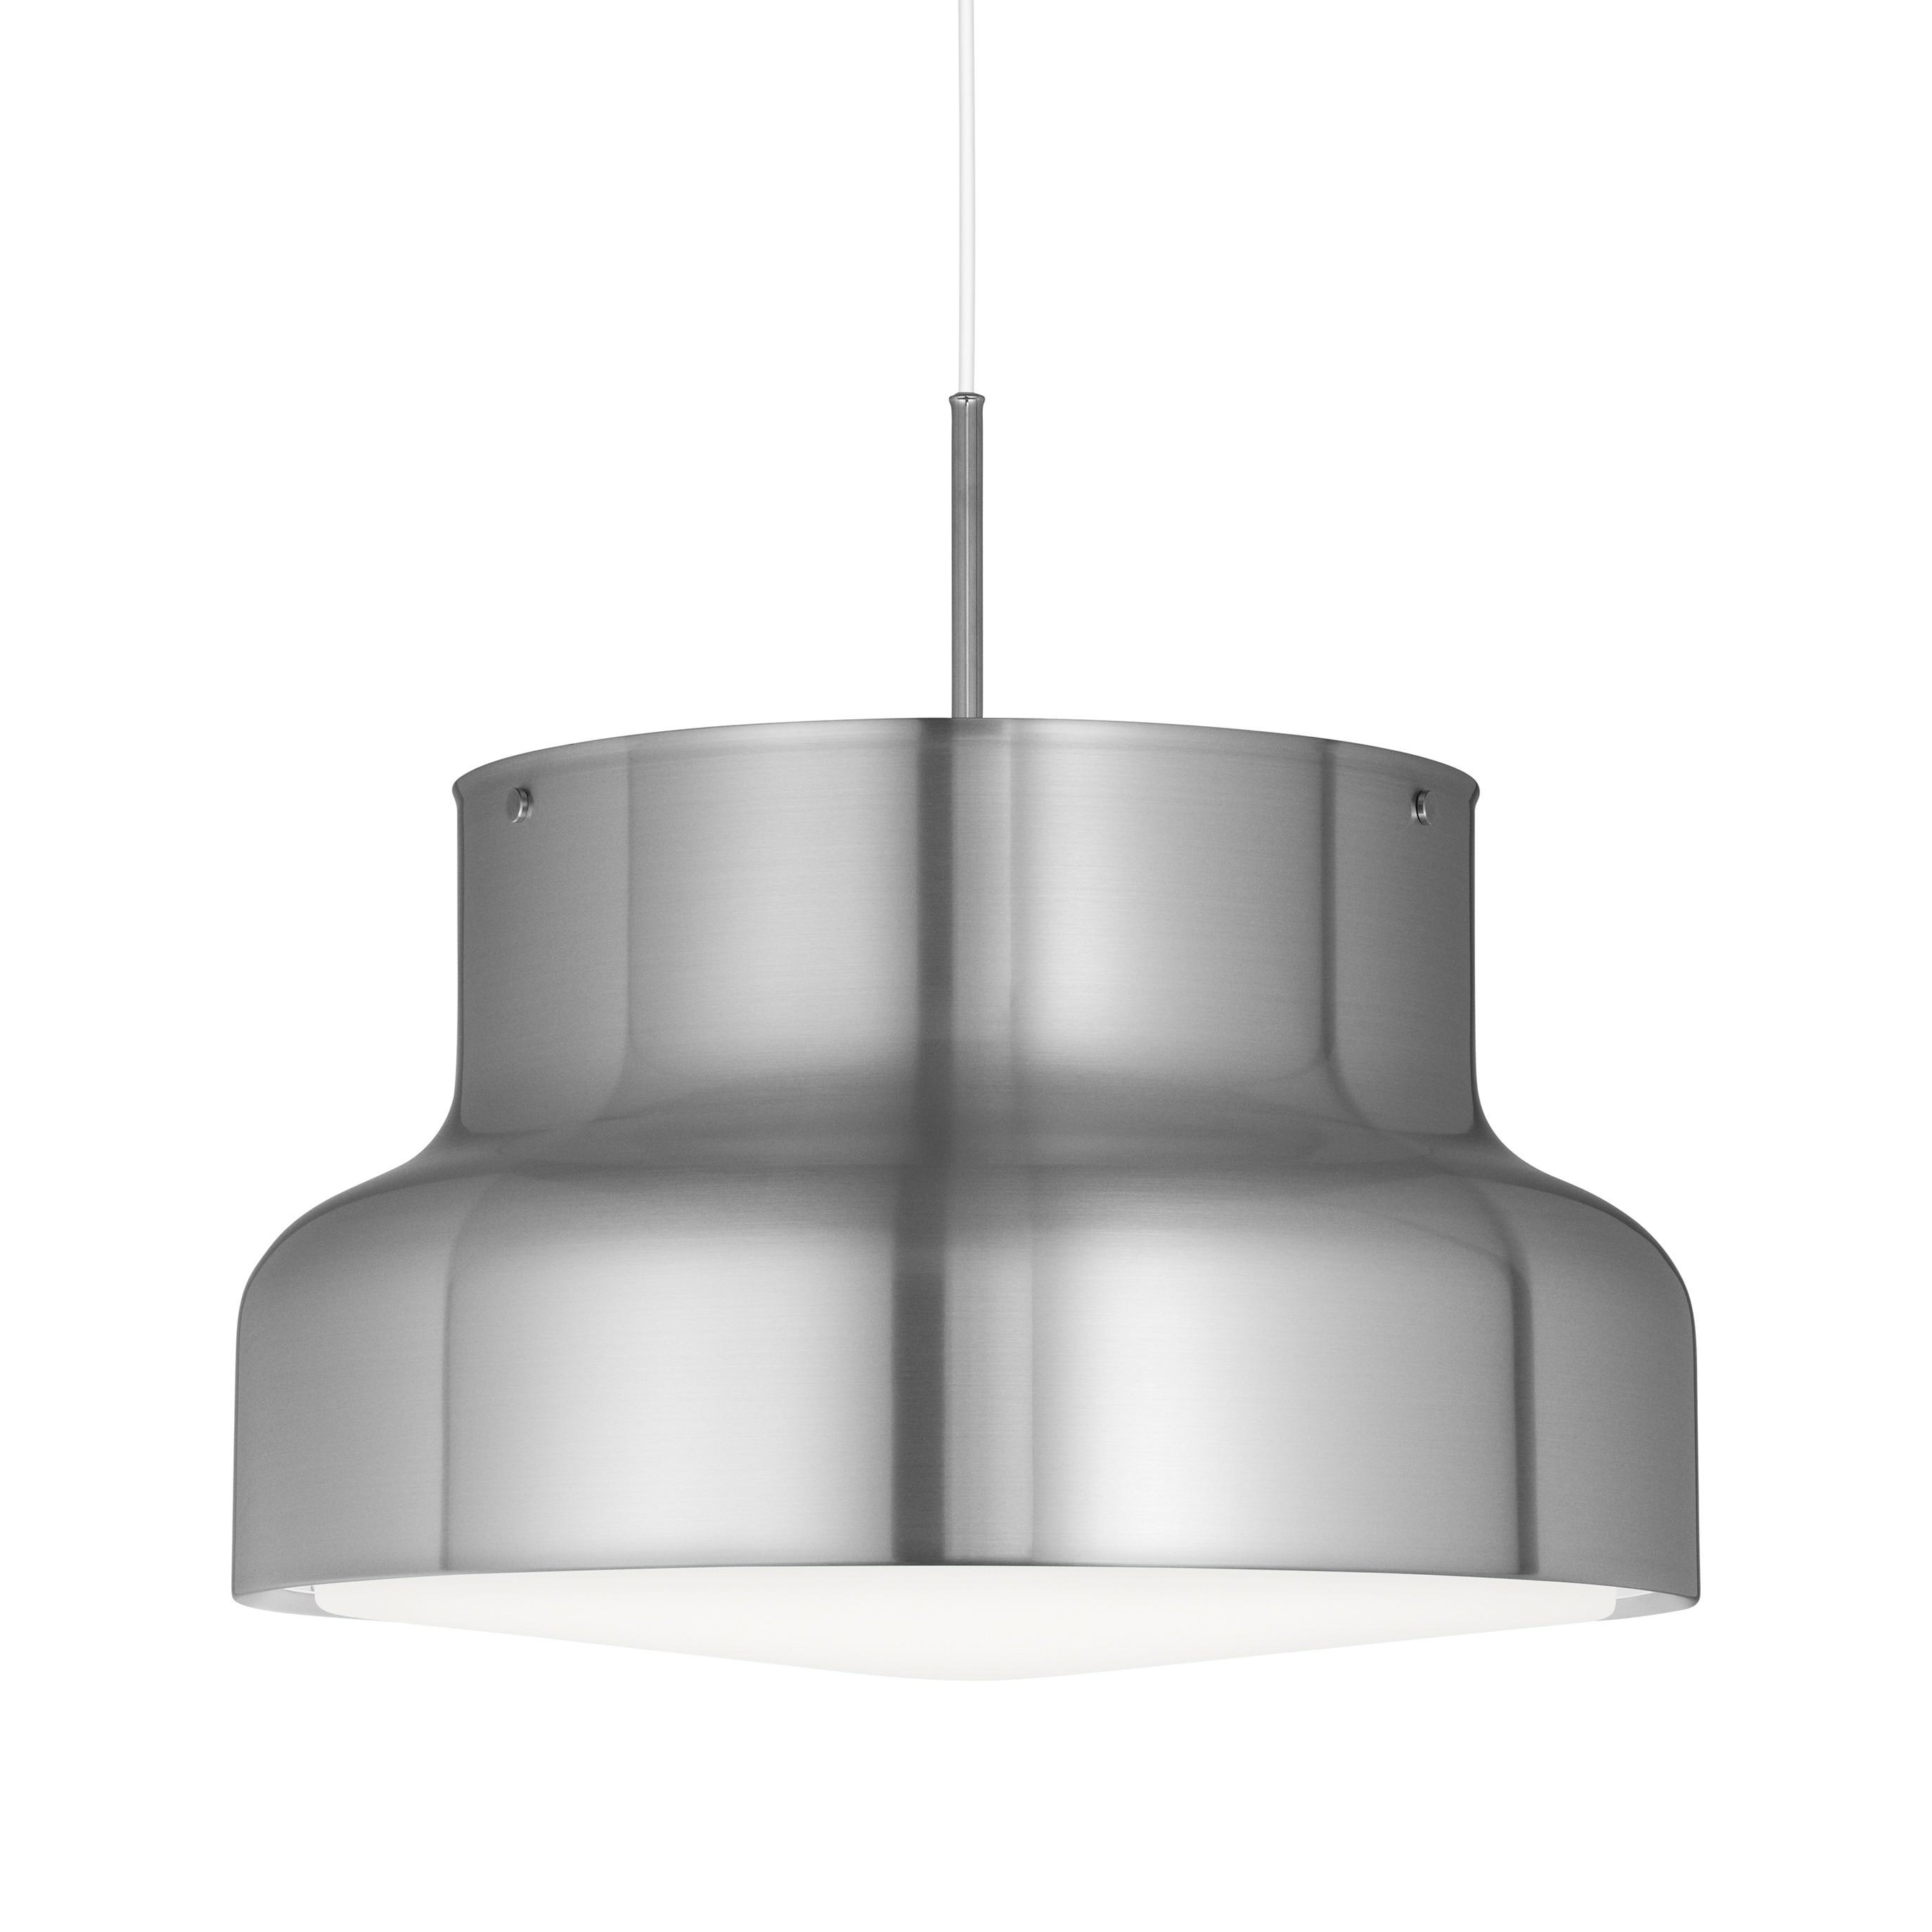 Bumling Ø600 med ringraster i akryl borstad aluminium